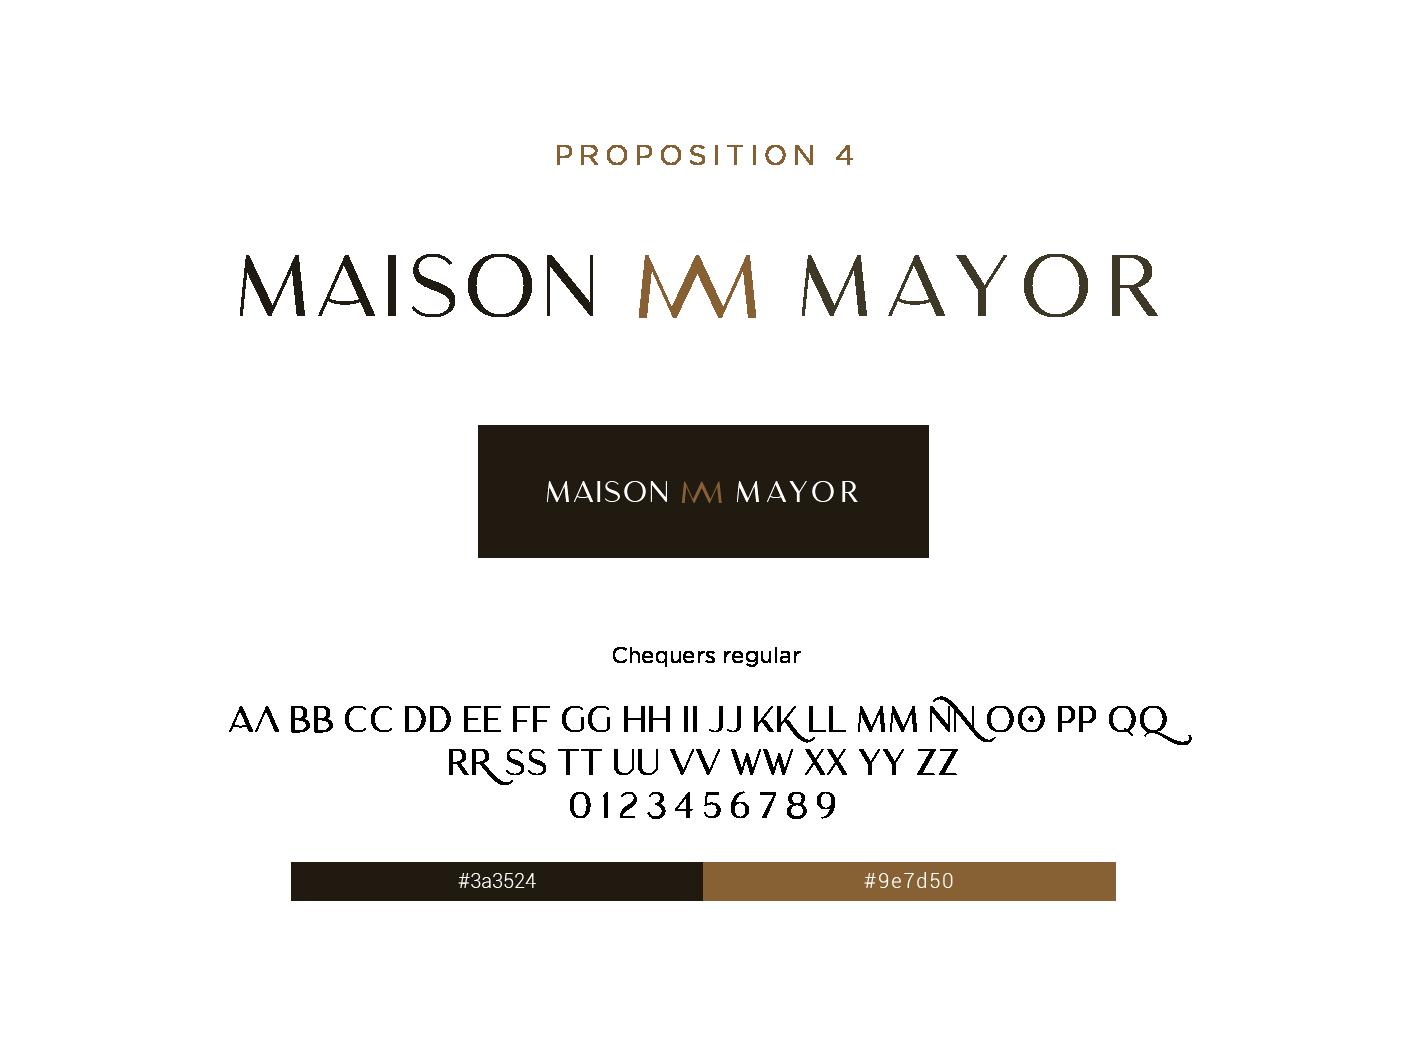 proposition 4 logo maison mayor